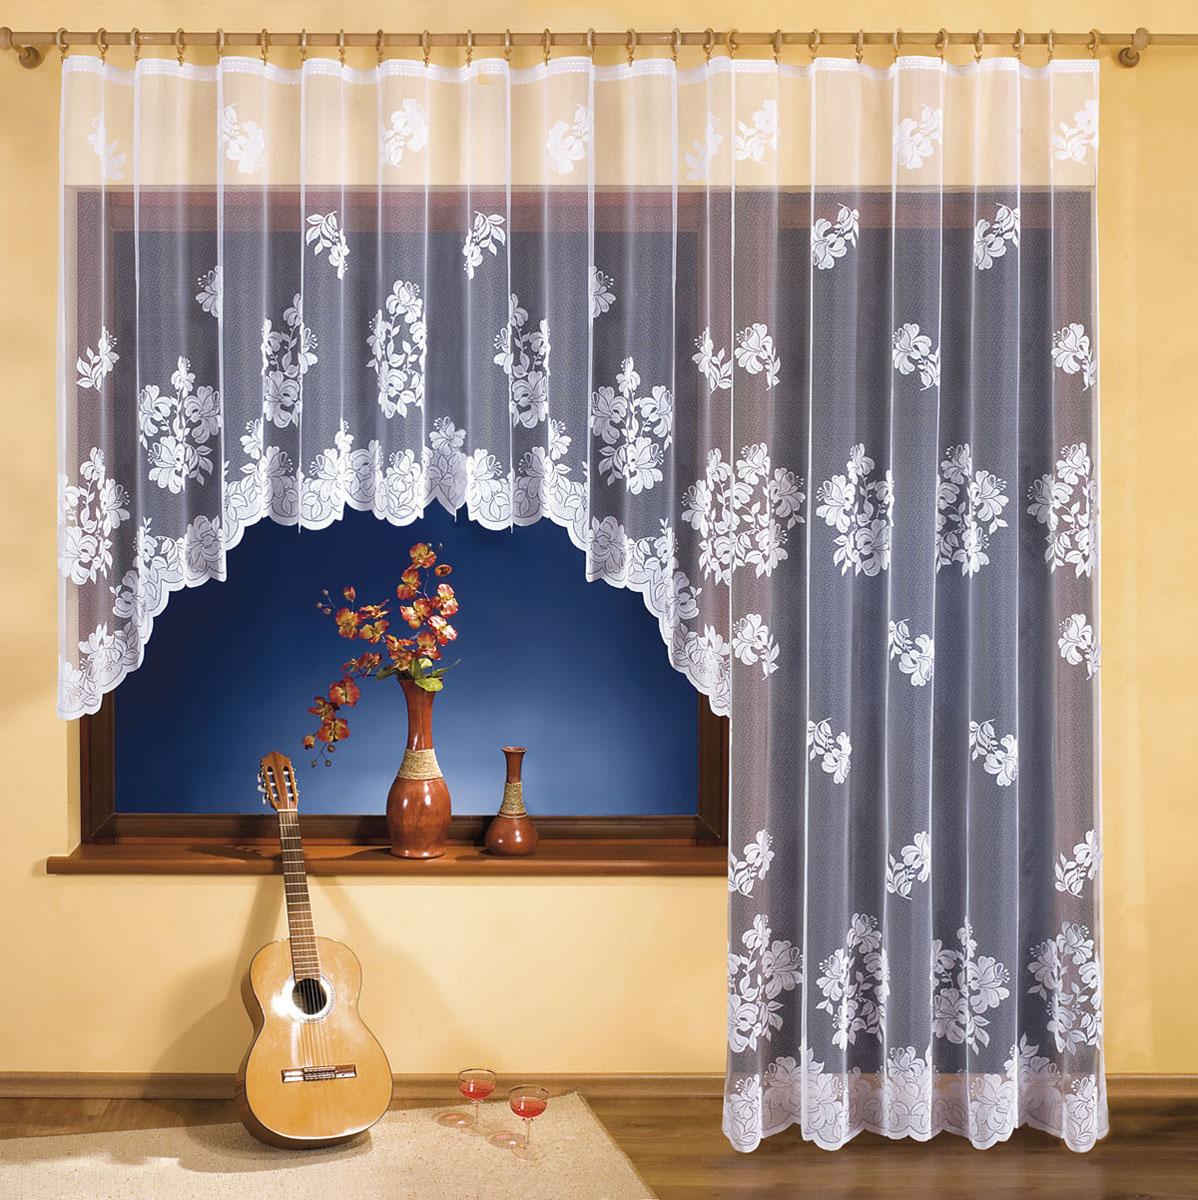 Комплект штор Wisan, цвет: белый, высота 250 см3254Комплект гардин для окна с балконной дверью, крепление зажимы для штор.Размеры: 300*150+250*150